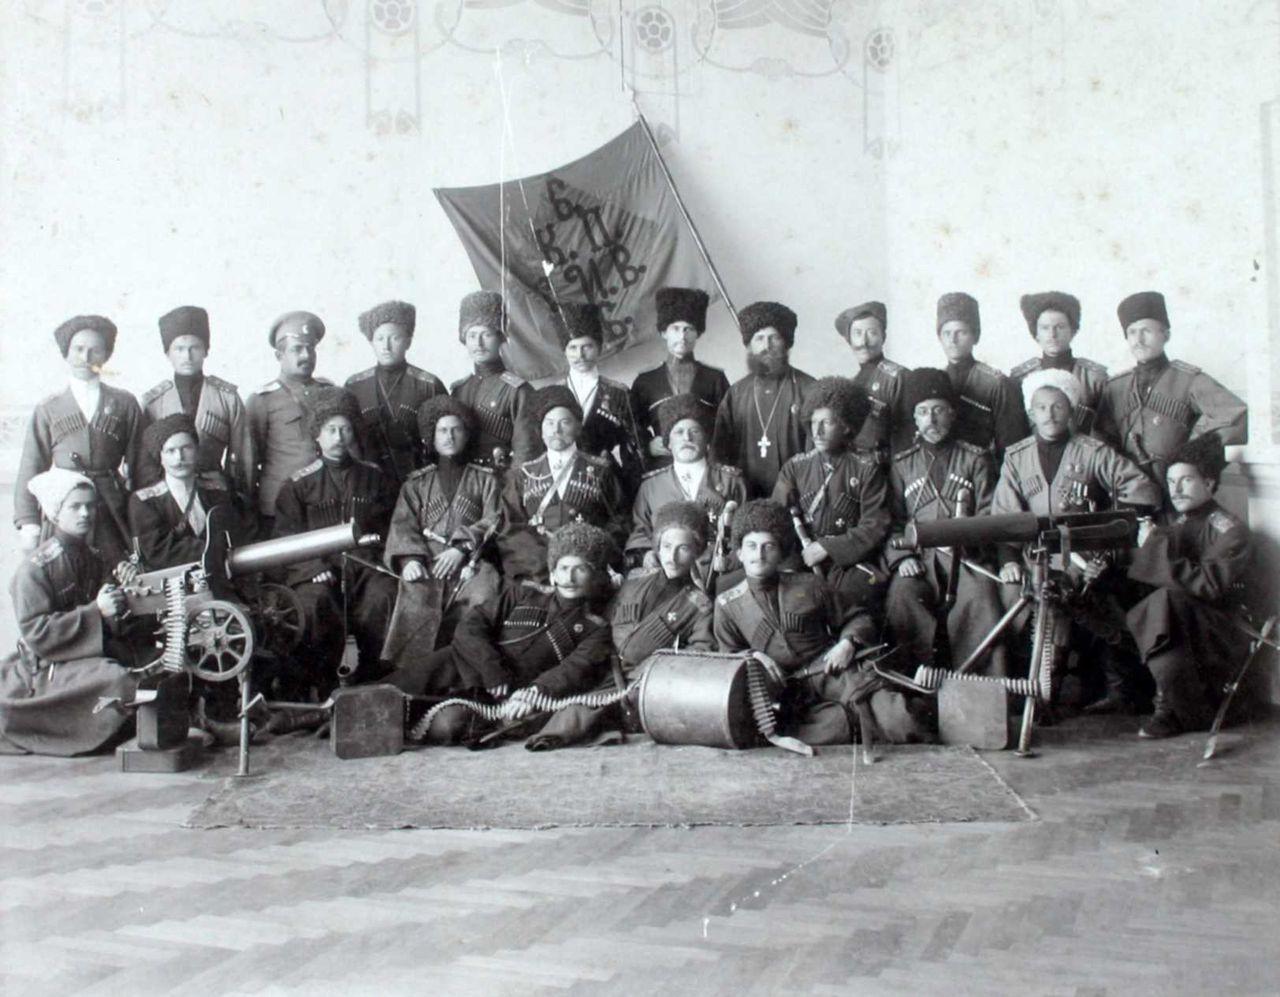 описания славянских казаки пластуны фото поездкой